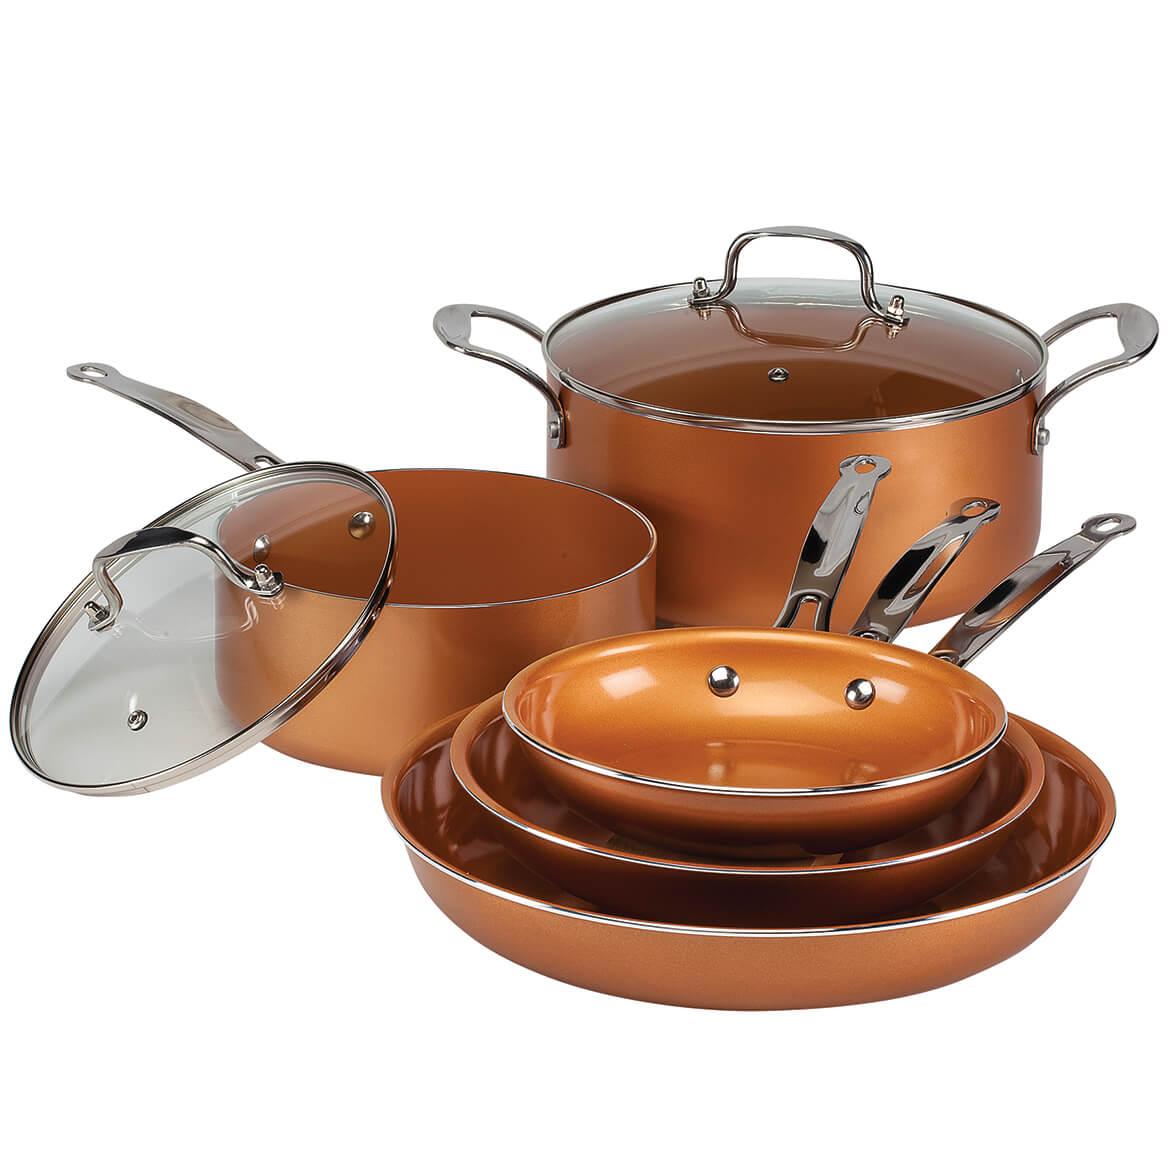 Ceramic Copper Non-stick Cookware Value Set